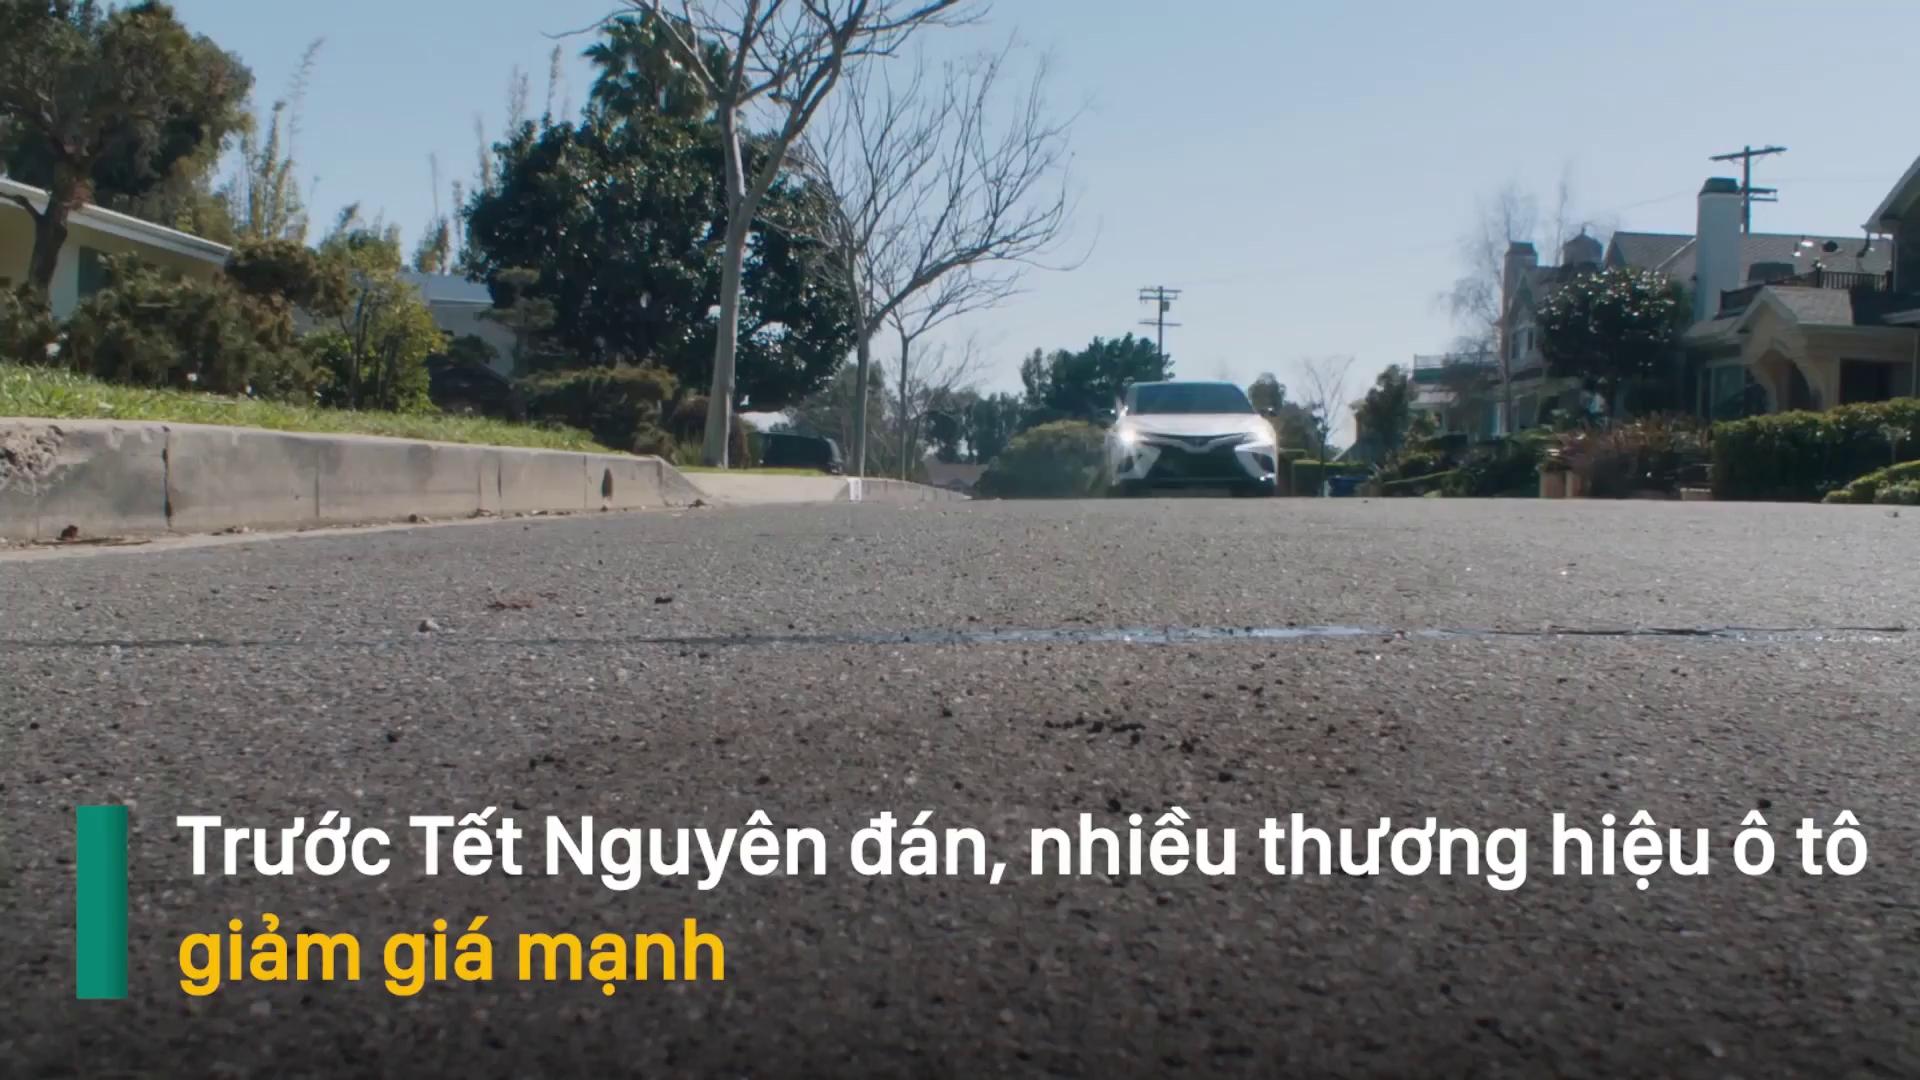 Sát Tết Nguyên đán, nhiều mẫu ô tô ồ ạt giảm giá mạnh